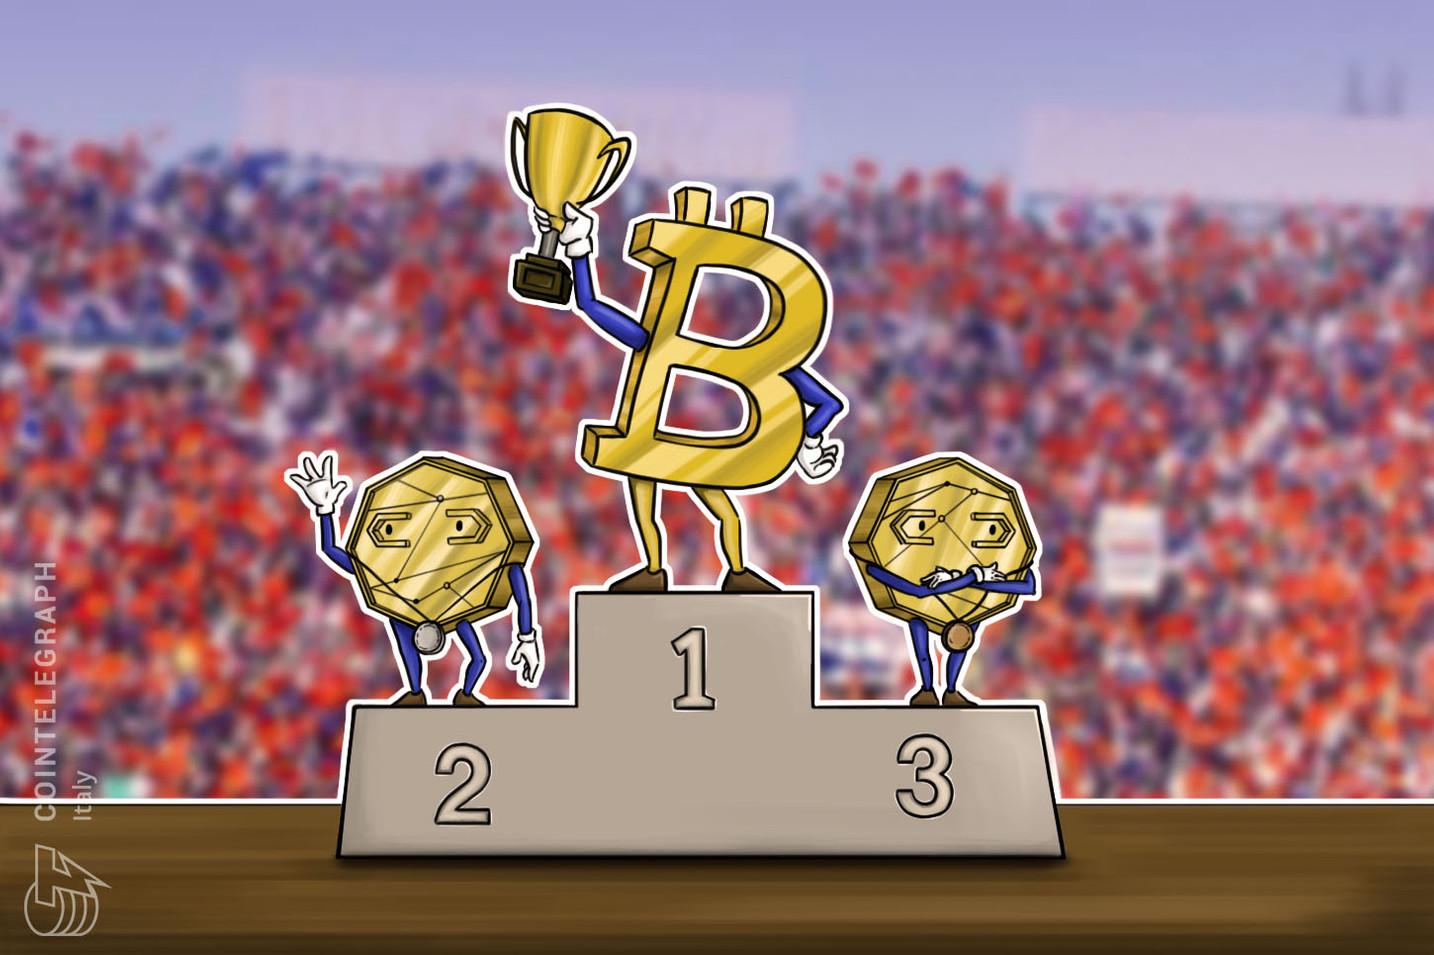 Luno annuncia #LunoChallenge, un contest mensile con premio in Bitcoin per residenti in Italia